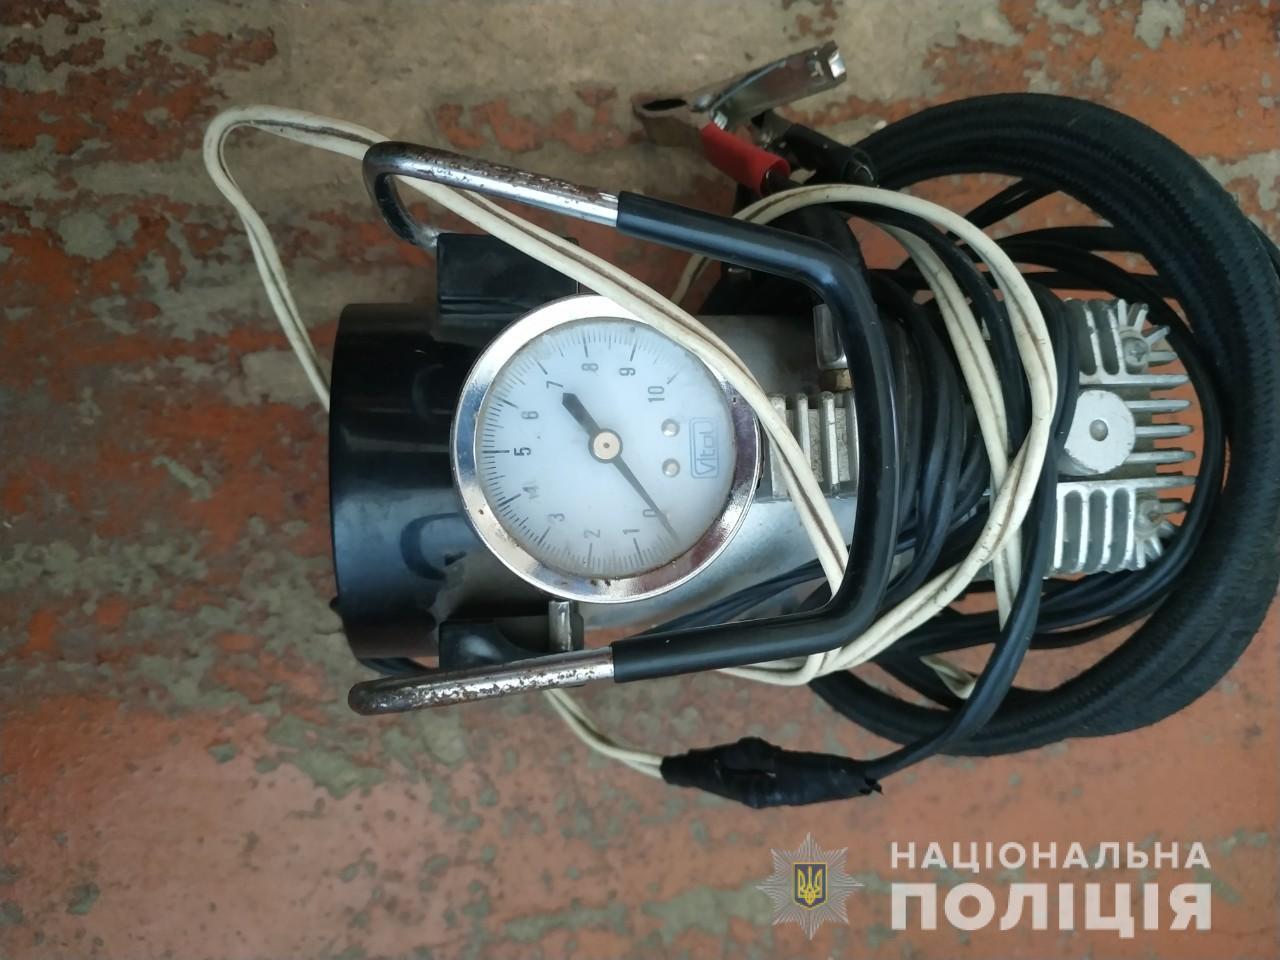 Под Харьковом задержали парня, который обворовывал машины (фото)